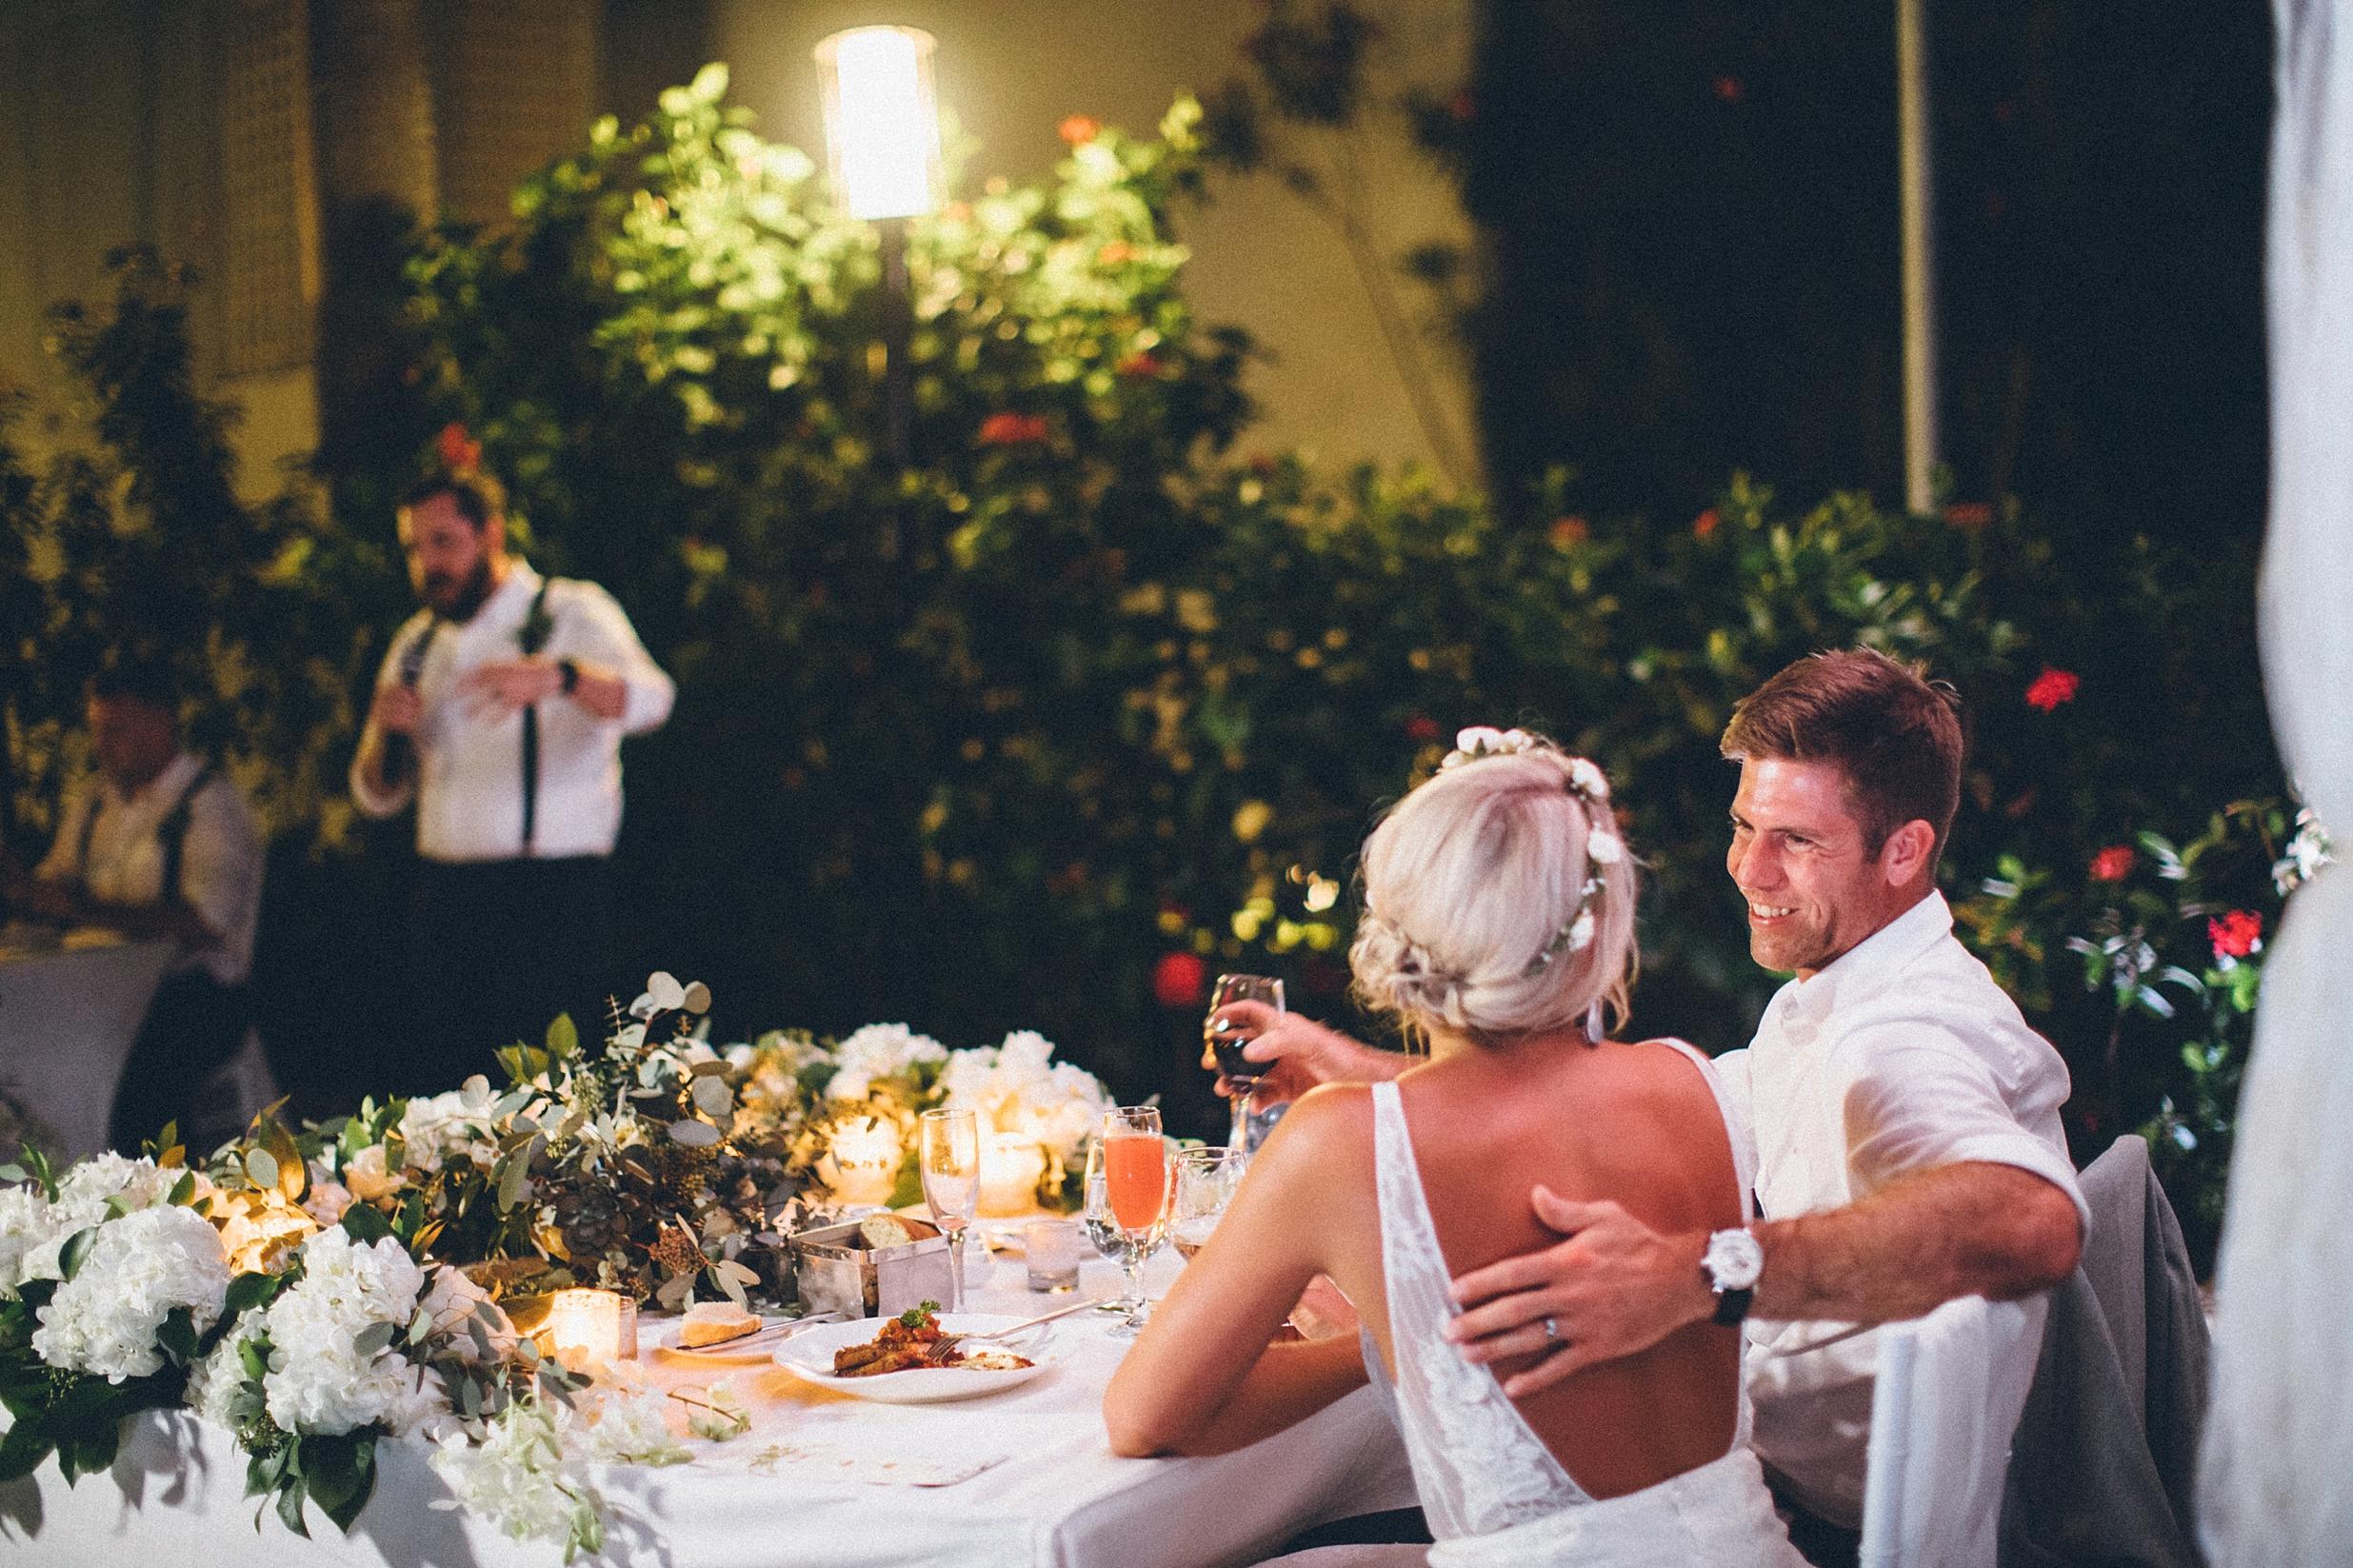 jamaican-wedding-sandals-wedding-destination-beach-intimate_0100.jpg